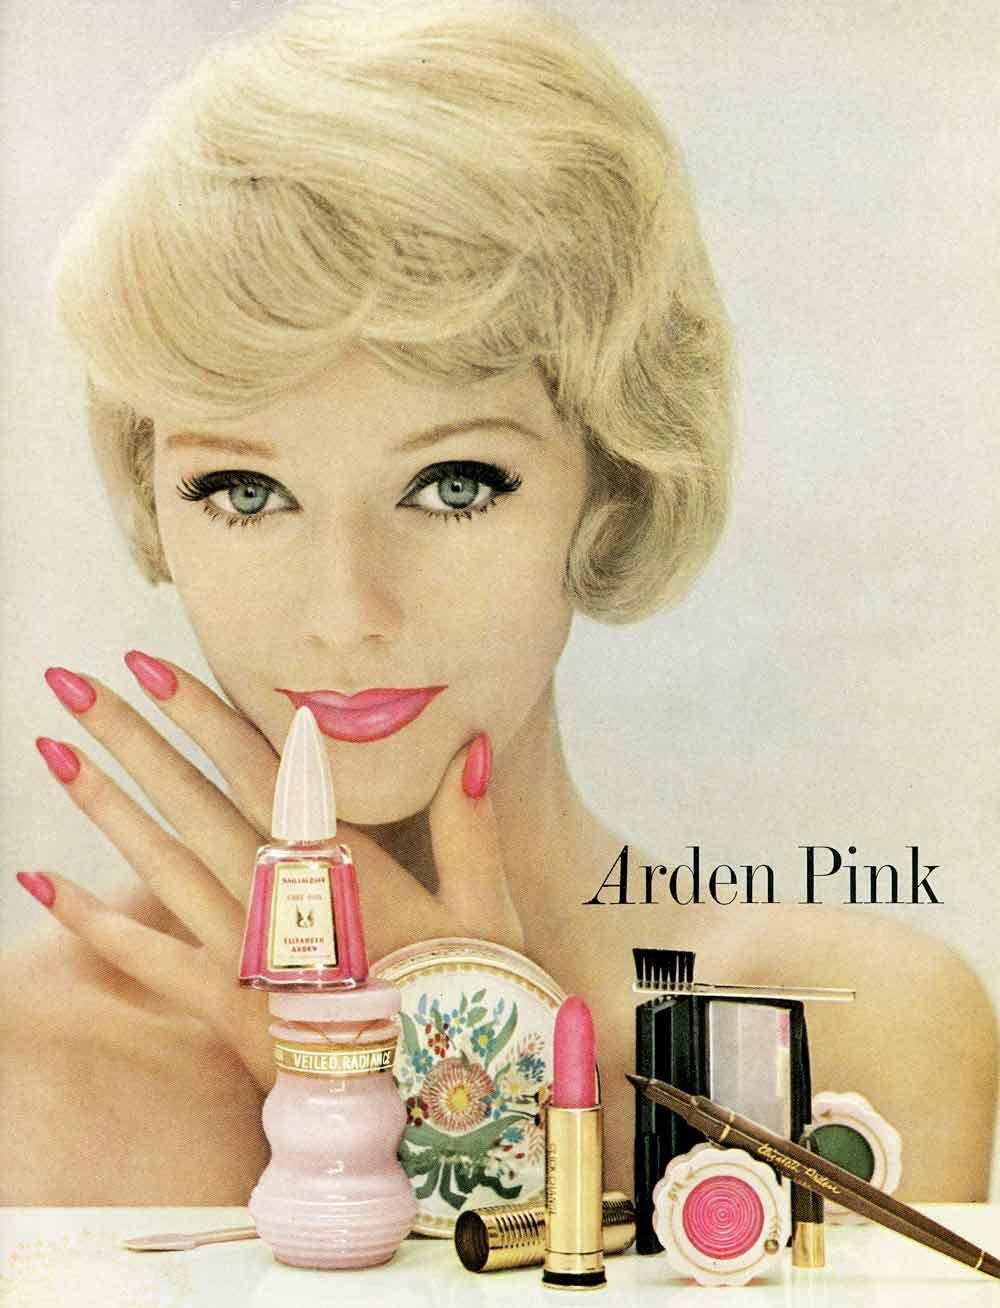 Arden Pink nails (1960) - Hair and Makeup Artist Handbook